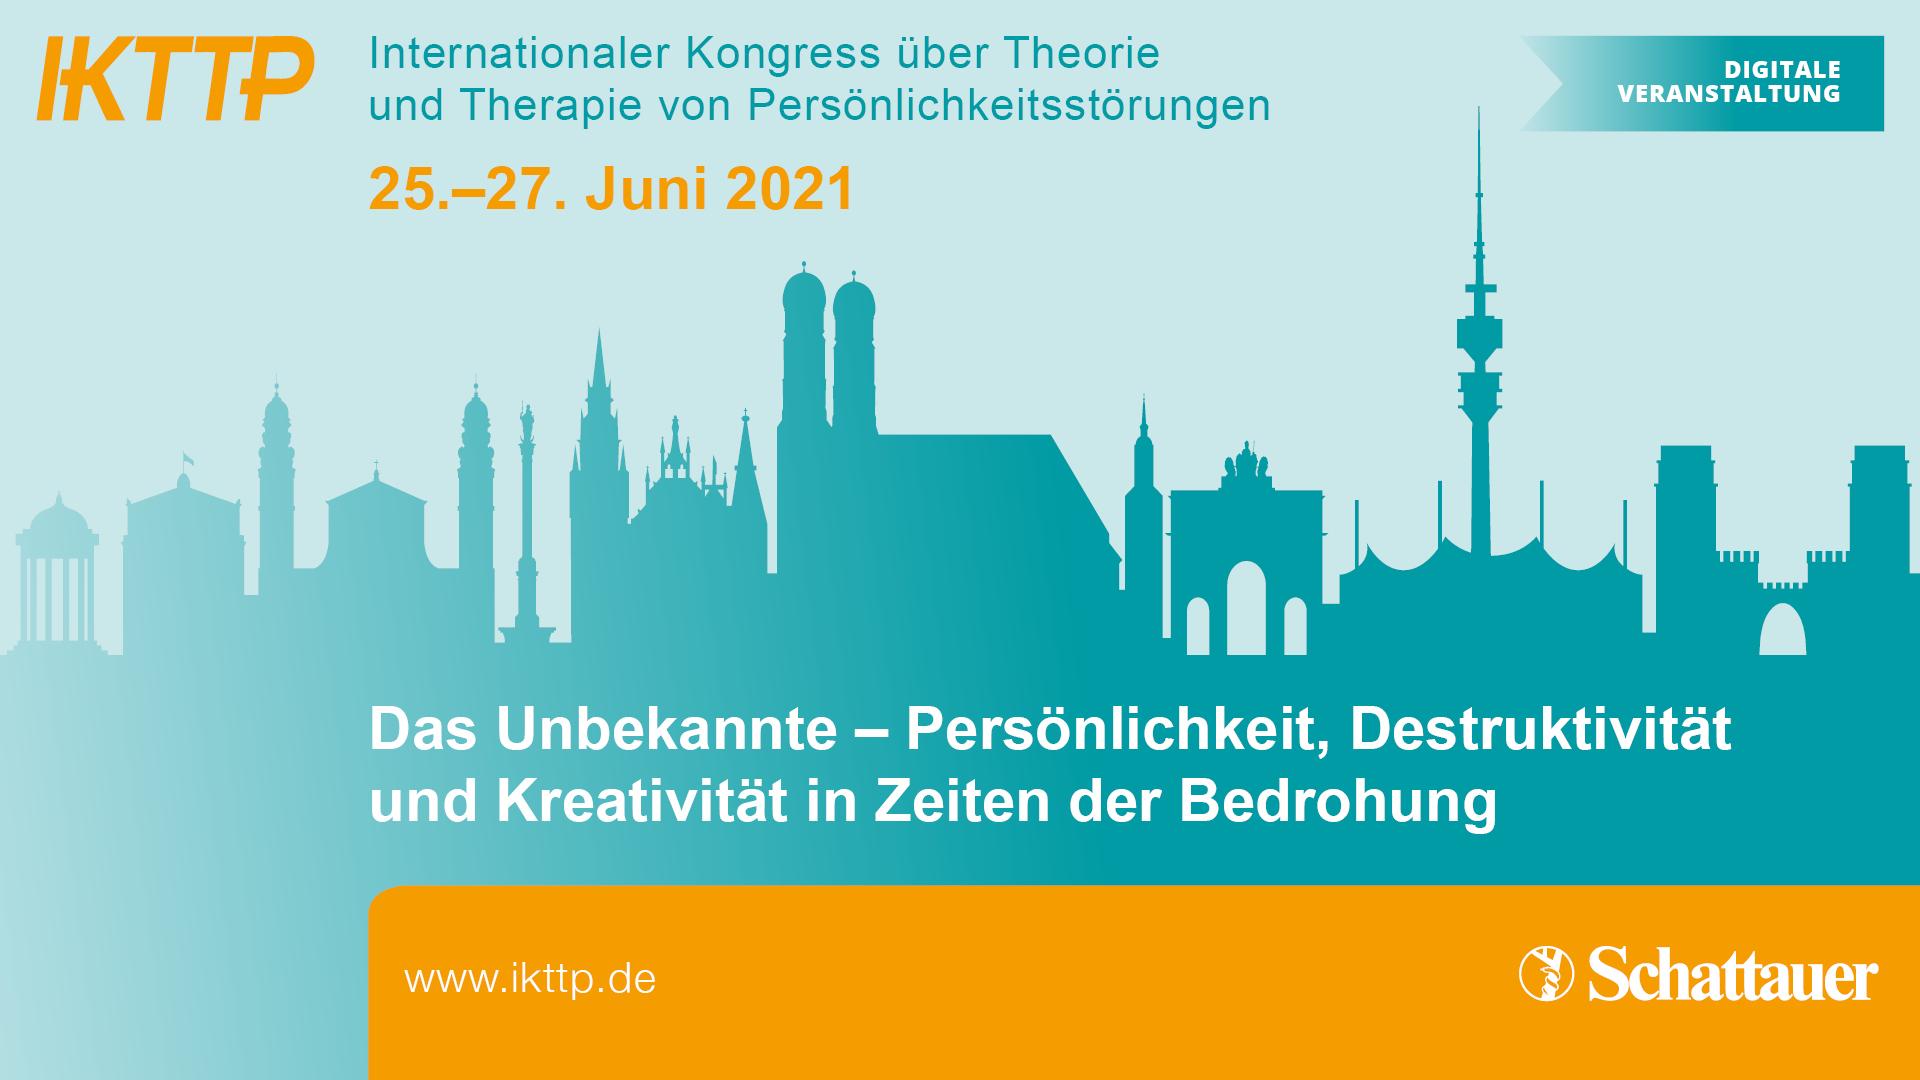 infos internationaler kongress über theorie und therapie von persönlichkeitsstörungen 2021